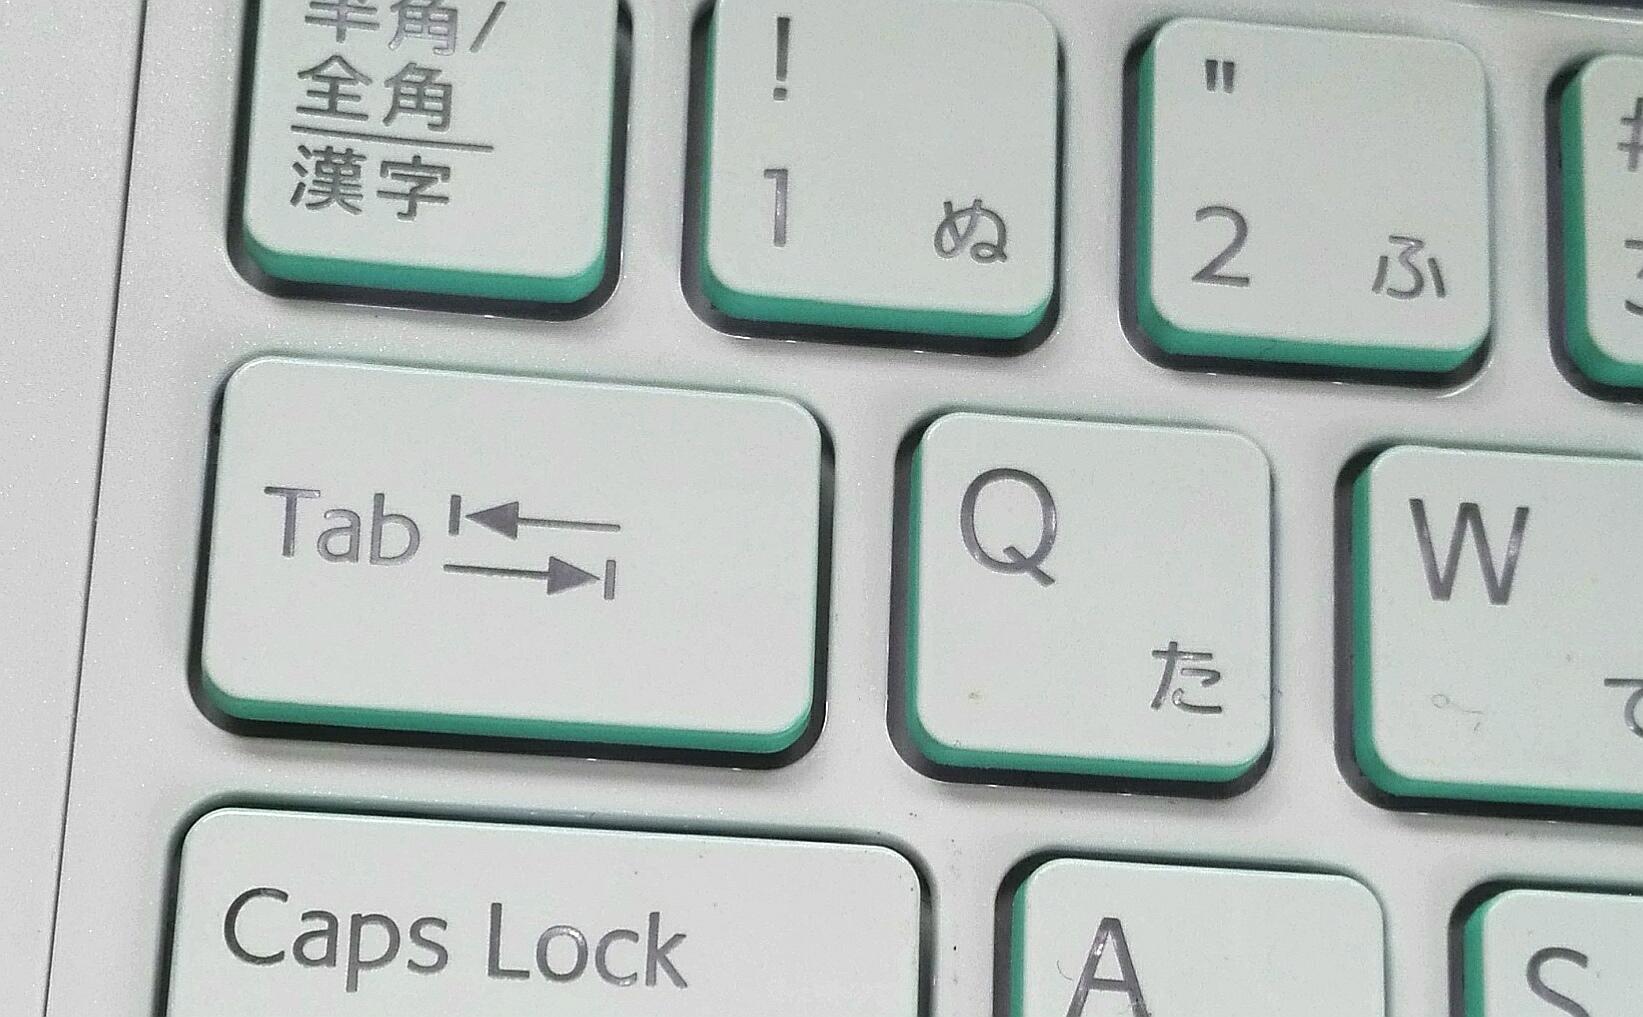 キーボードのTabキーボタン